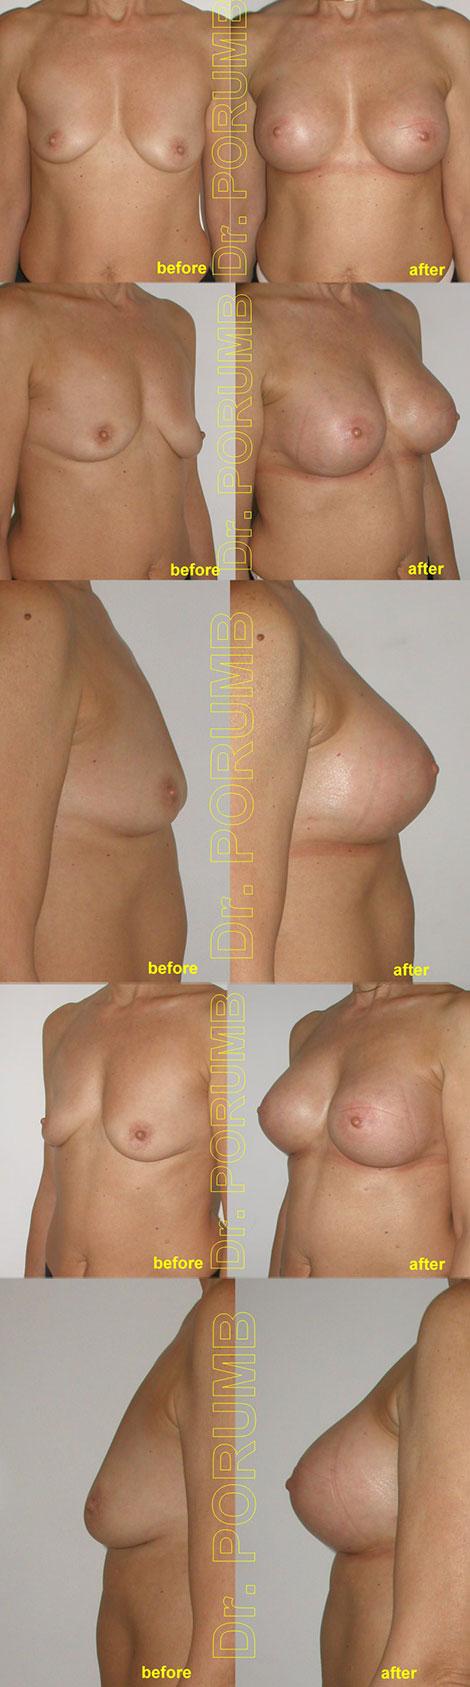 Pacienta de 54 ani, doreste sa apeleze la interventia de augmentare mamara pentru o operatie estetica de marire de sani (silicoane), pentru apropiere sani, mai buna simetrizare, dar si obtinerea unor sani armoniosi, naturali